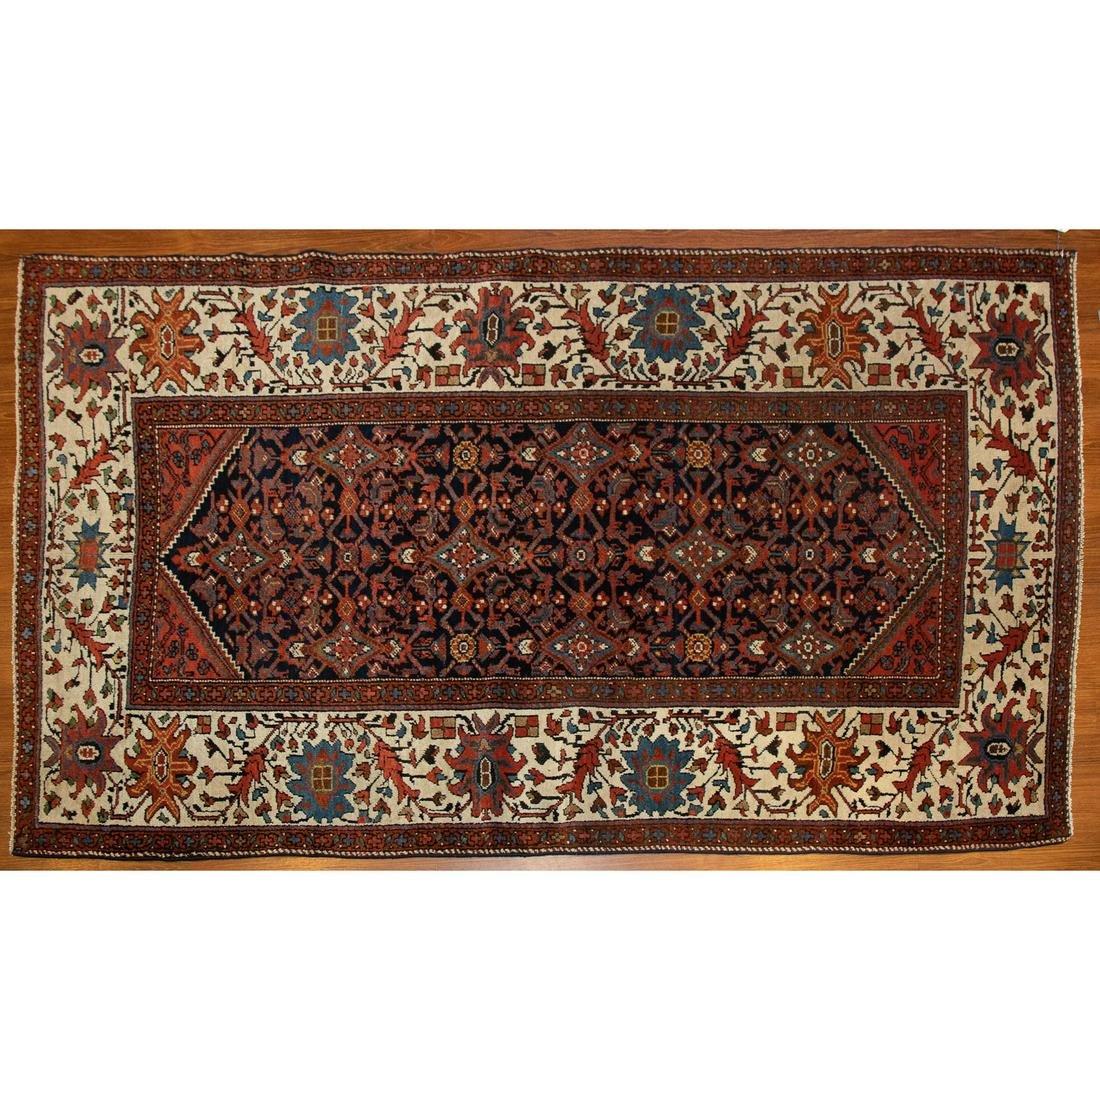 Semi-Antique Hamadan Rug, Persia, 4.3 x 6.8